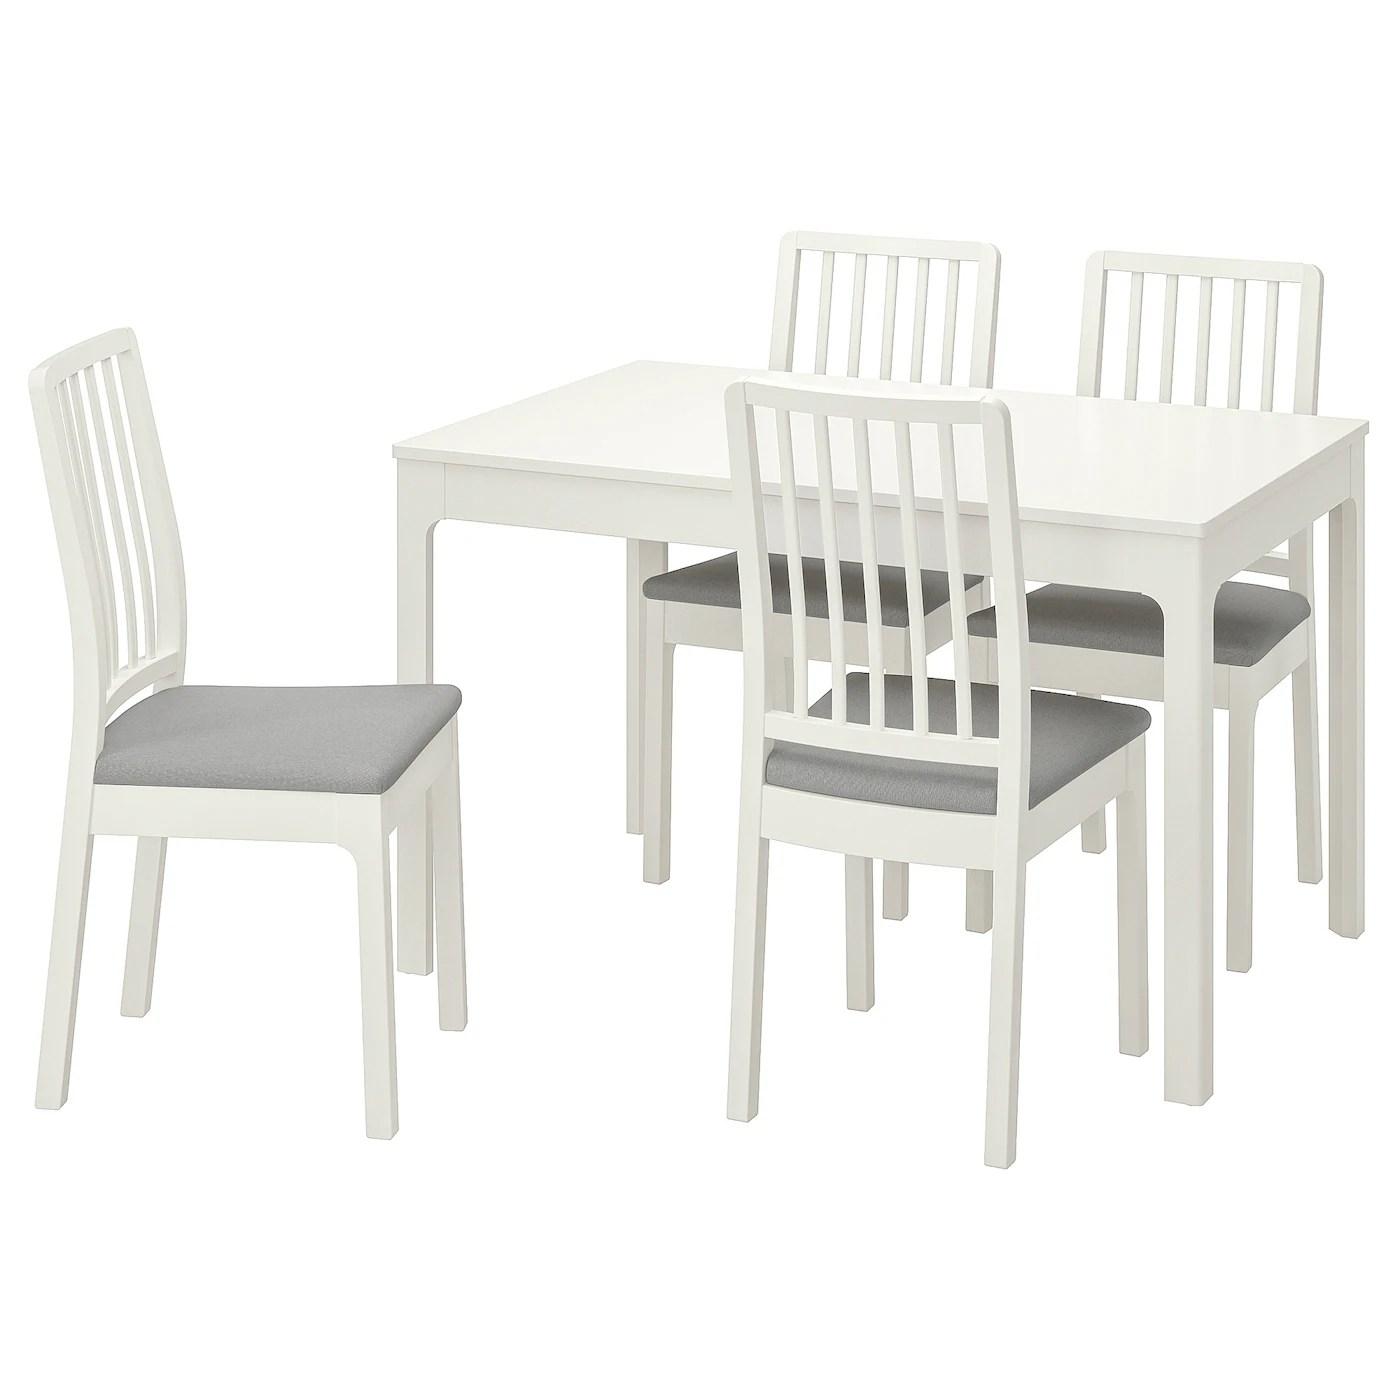 Radice tavolo da pranzo da hugh mclaughlin in cucina con sala da pranzo ikea sedie e sgabelli da bar e di elevata lucentezza di unita da poggenpohl foto stock alamy. Set Per Zona Pranzo Ikea It